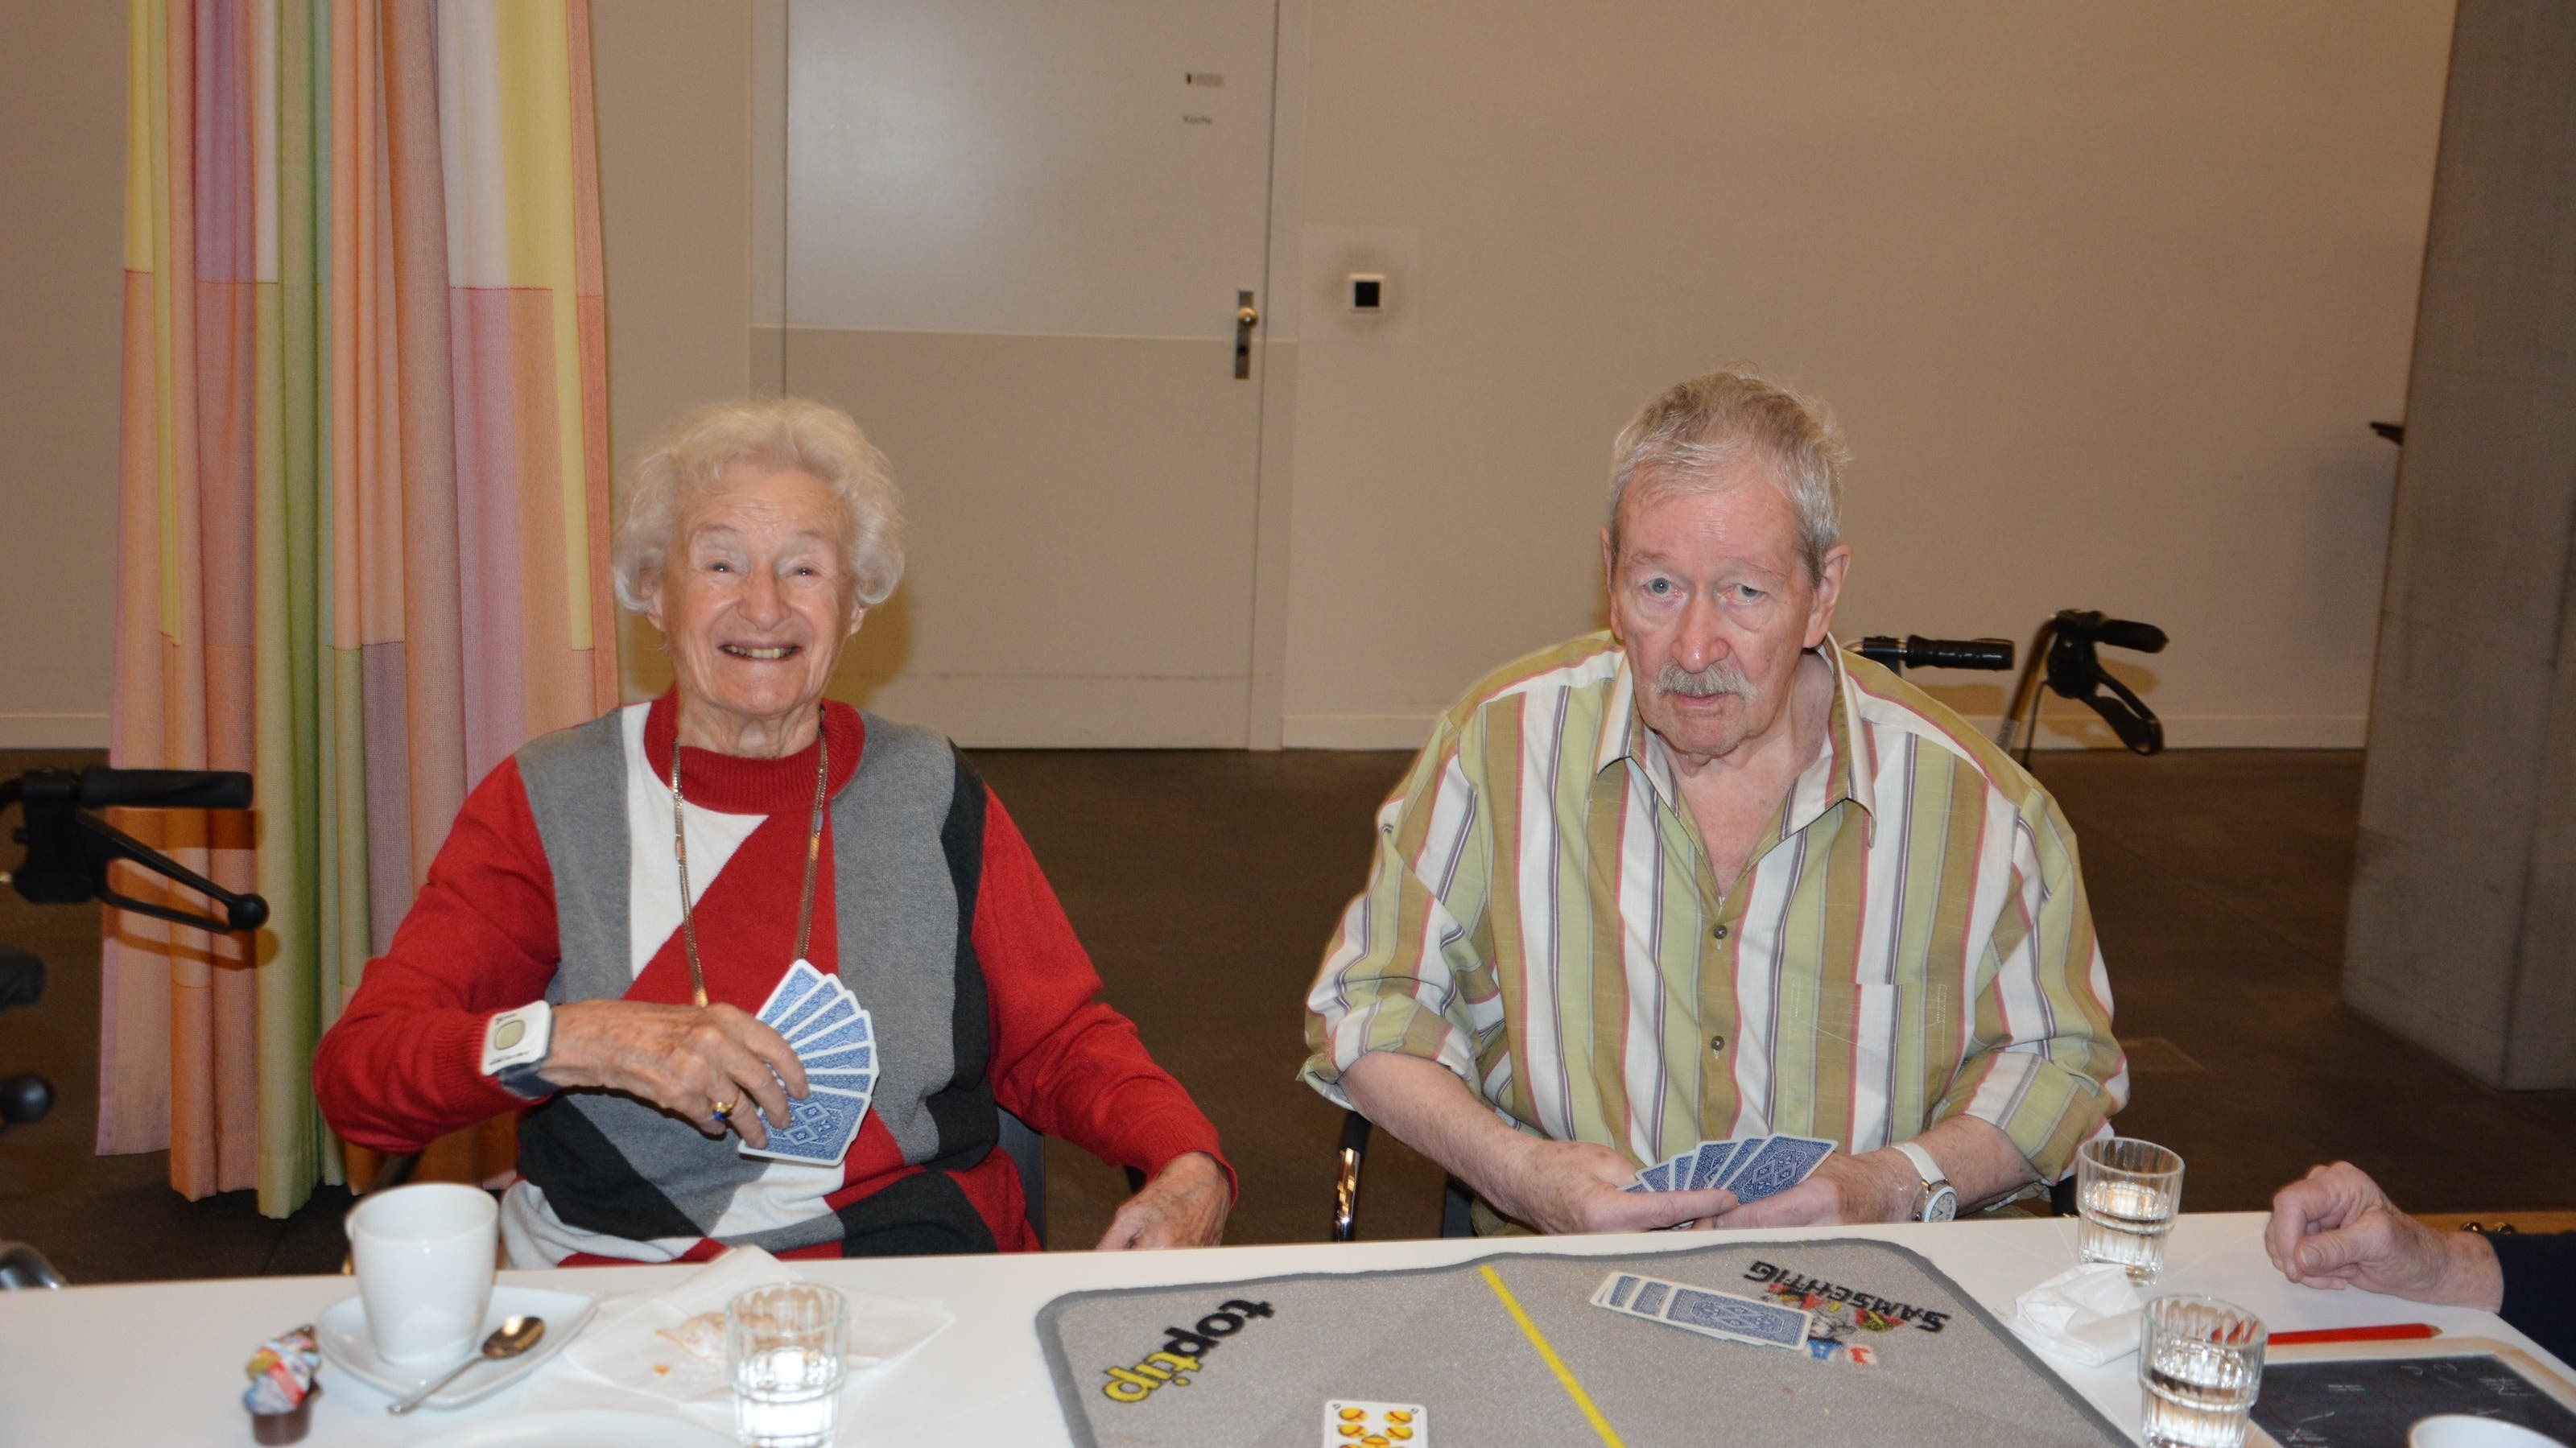 Hanna Lampert (90) und Hans Rüedi (75) spielen gegeneinander. Hany Lampert sagt, es sei nicht schlimm, wenn man verliere. Hauptsache sei das Zusammensein. Sie sagt: «Wir sind immer das gleiche Grüppchen.»